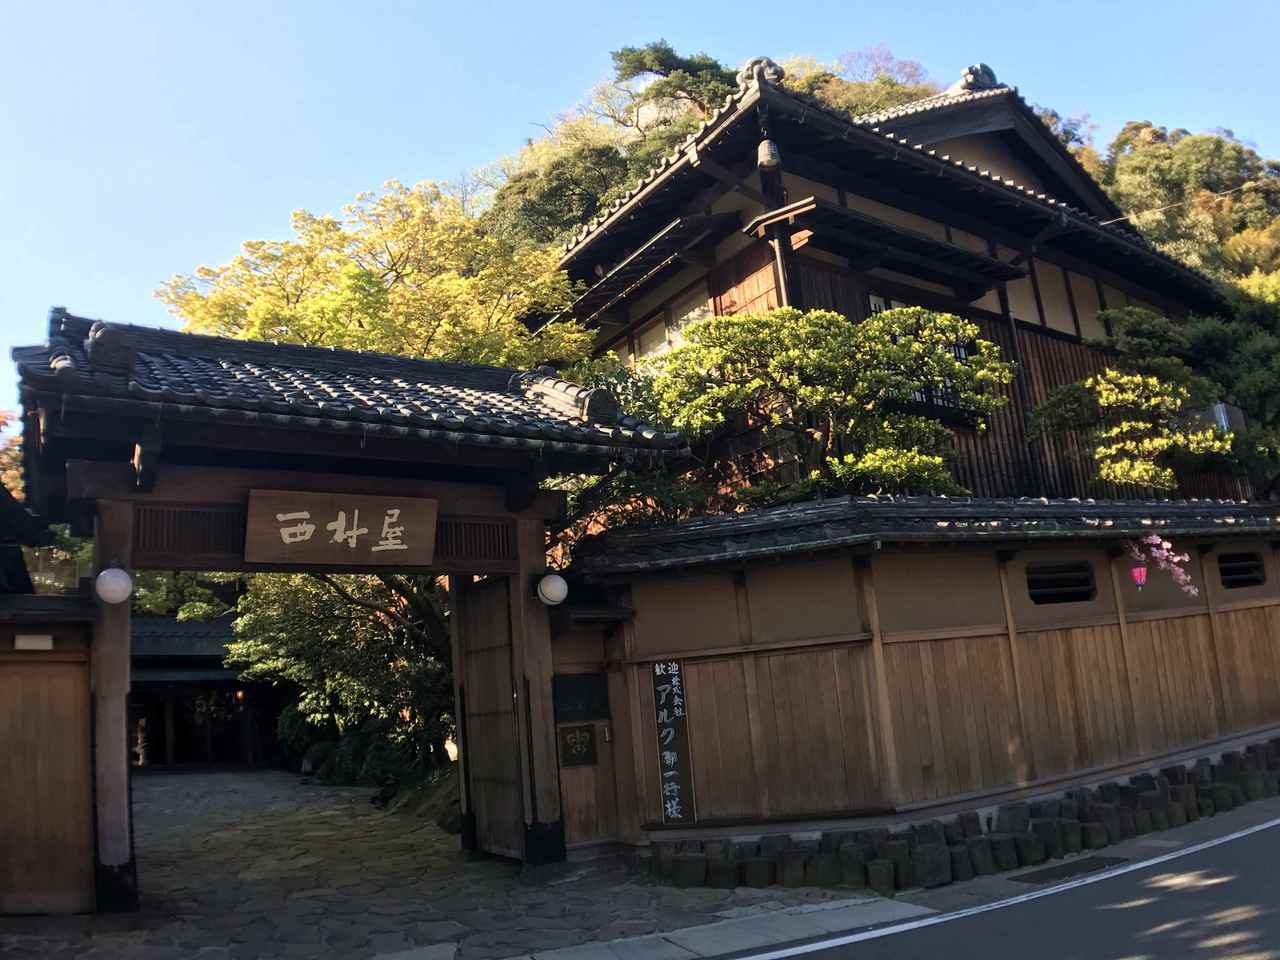 2017年入選日本溫泉百選旅館「西村屋招月庭」。圖/有行旅提供。